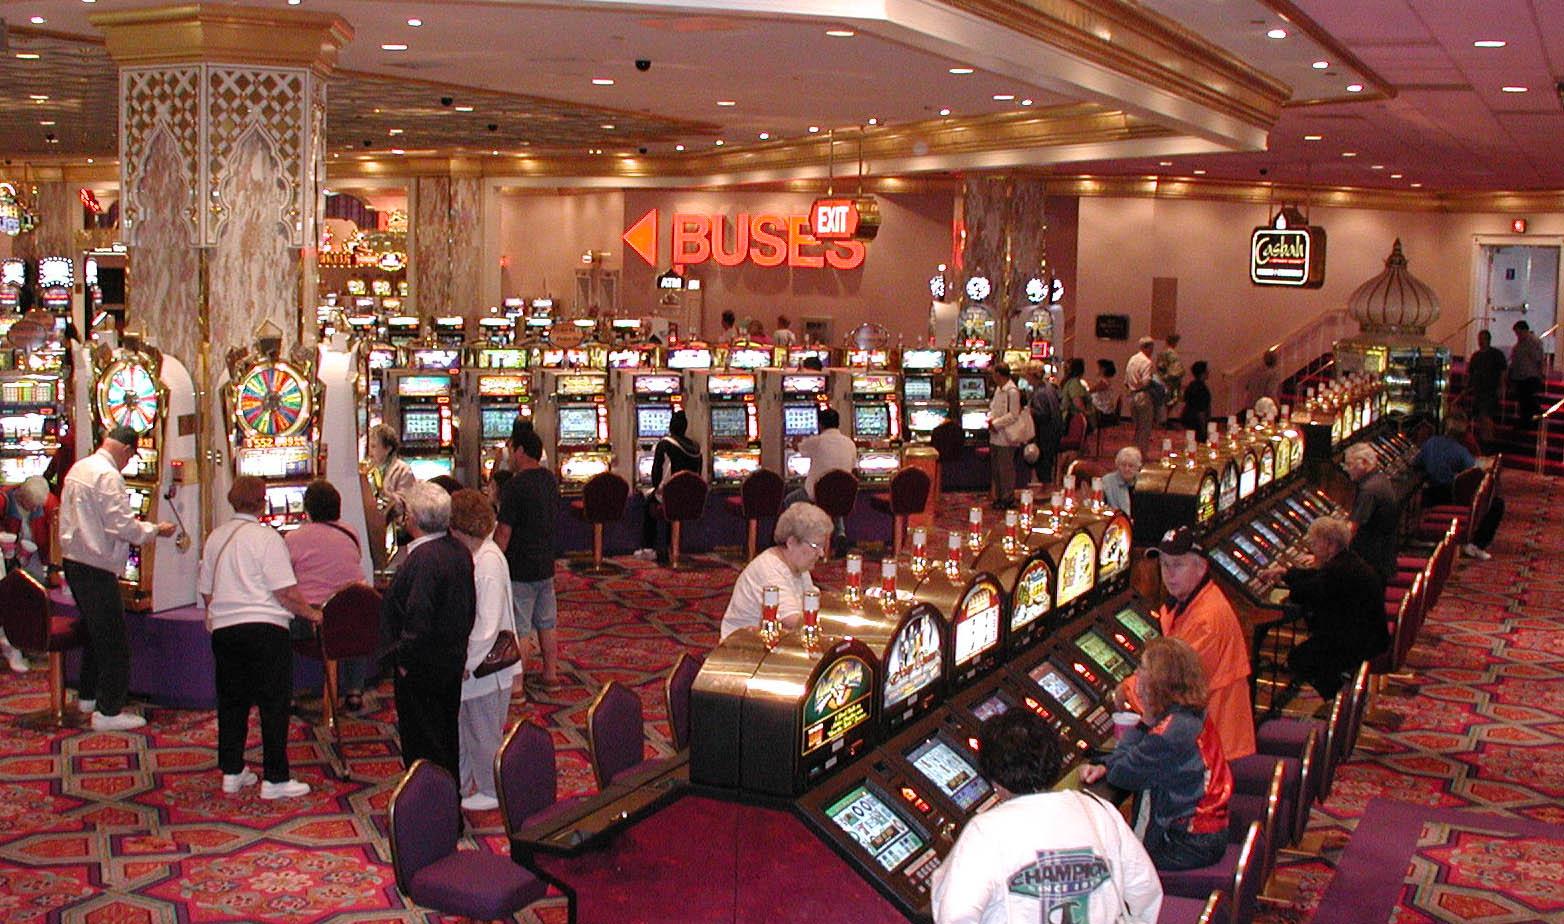 Jeux casino: les différents tournois